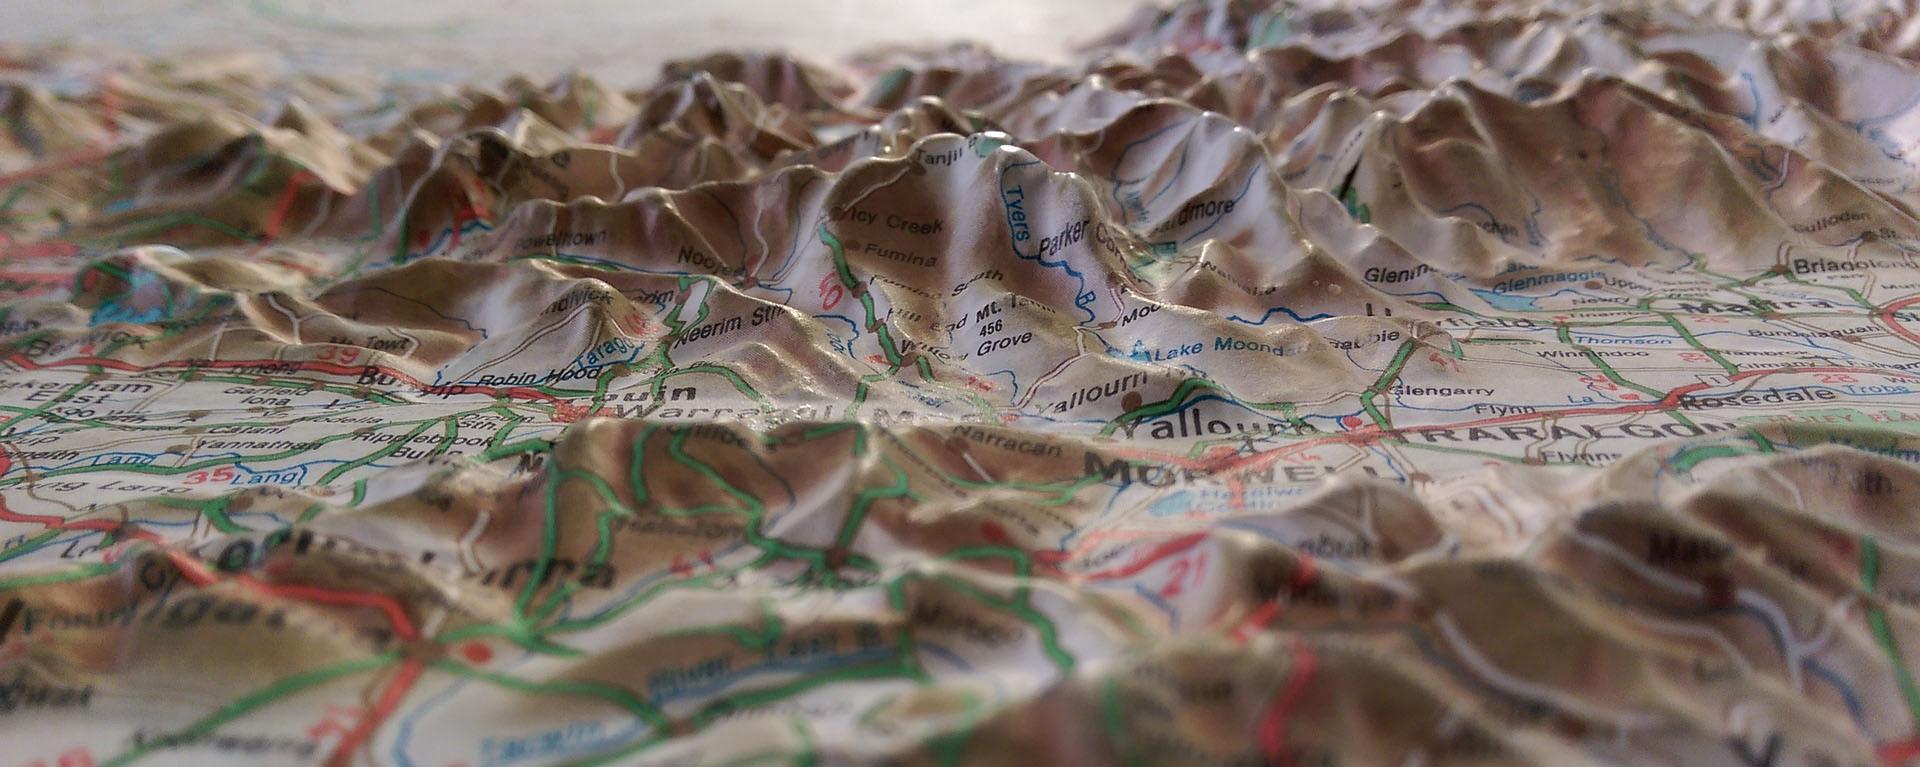 wyprawy rowerowe - planowanie z mapą